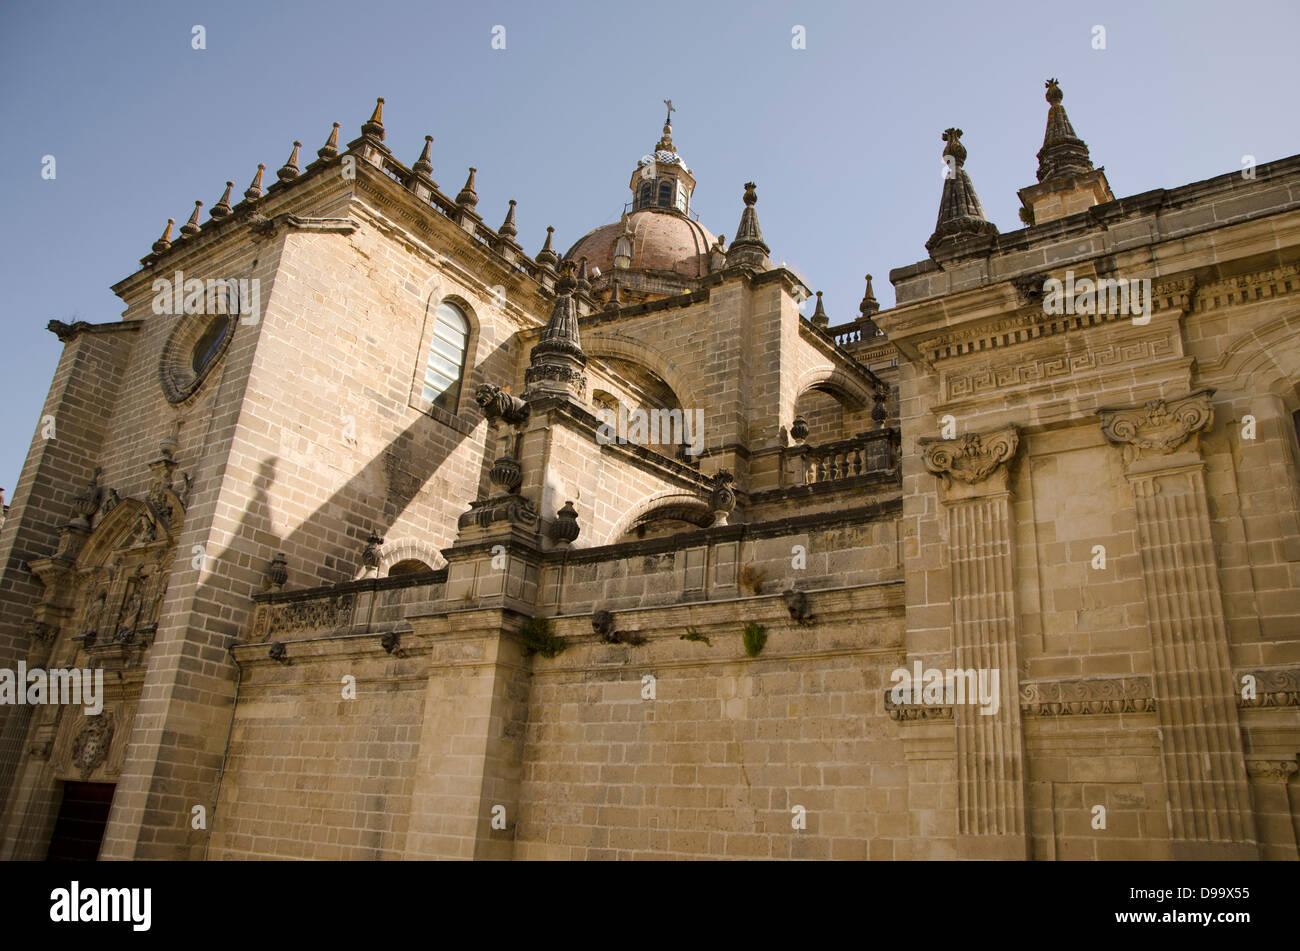 Die Kathedrale von San Salvador in Jerez De La Frontera in Andalusien, Südspanien. Stockbild